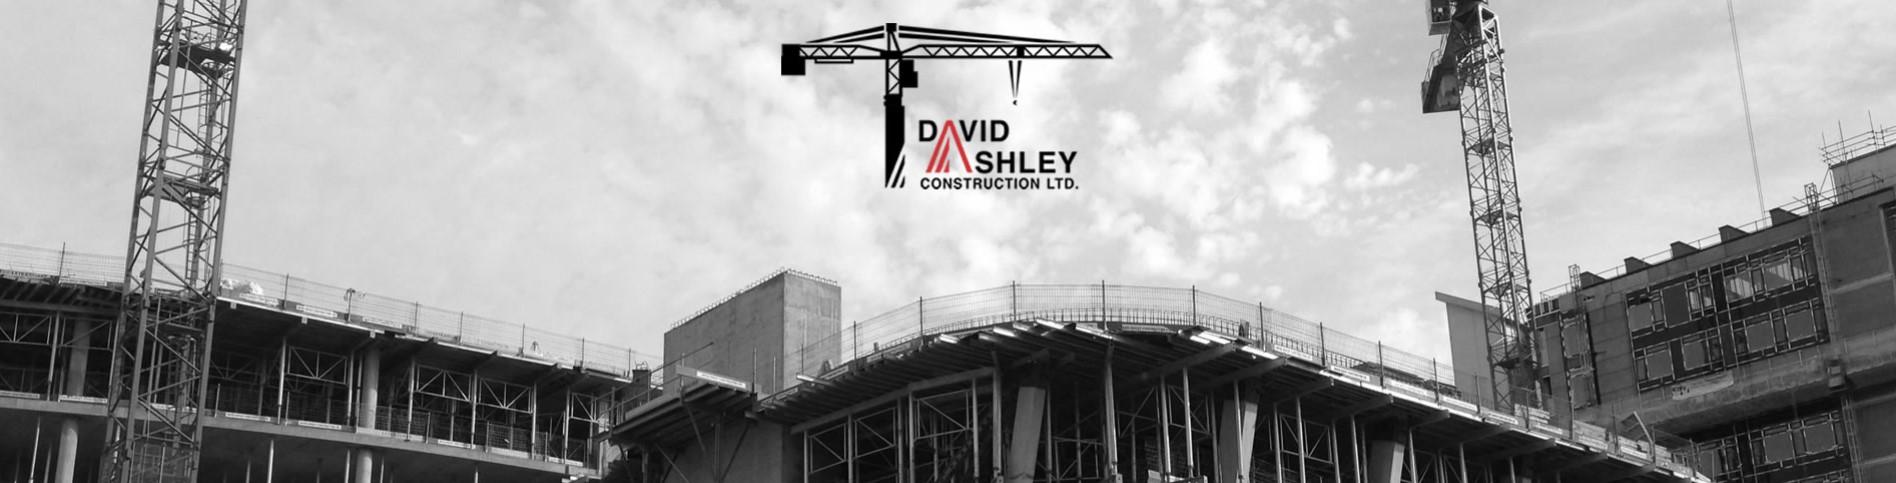 david ashley construction ltd